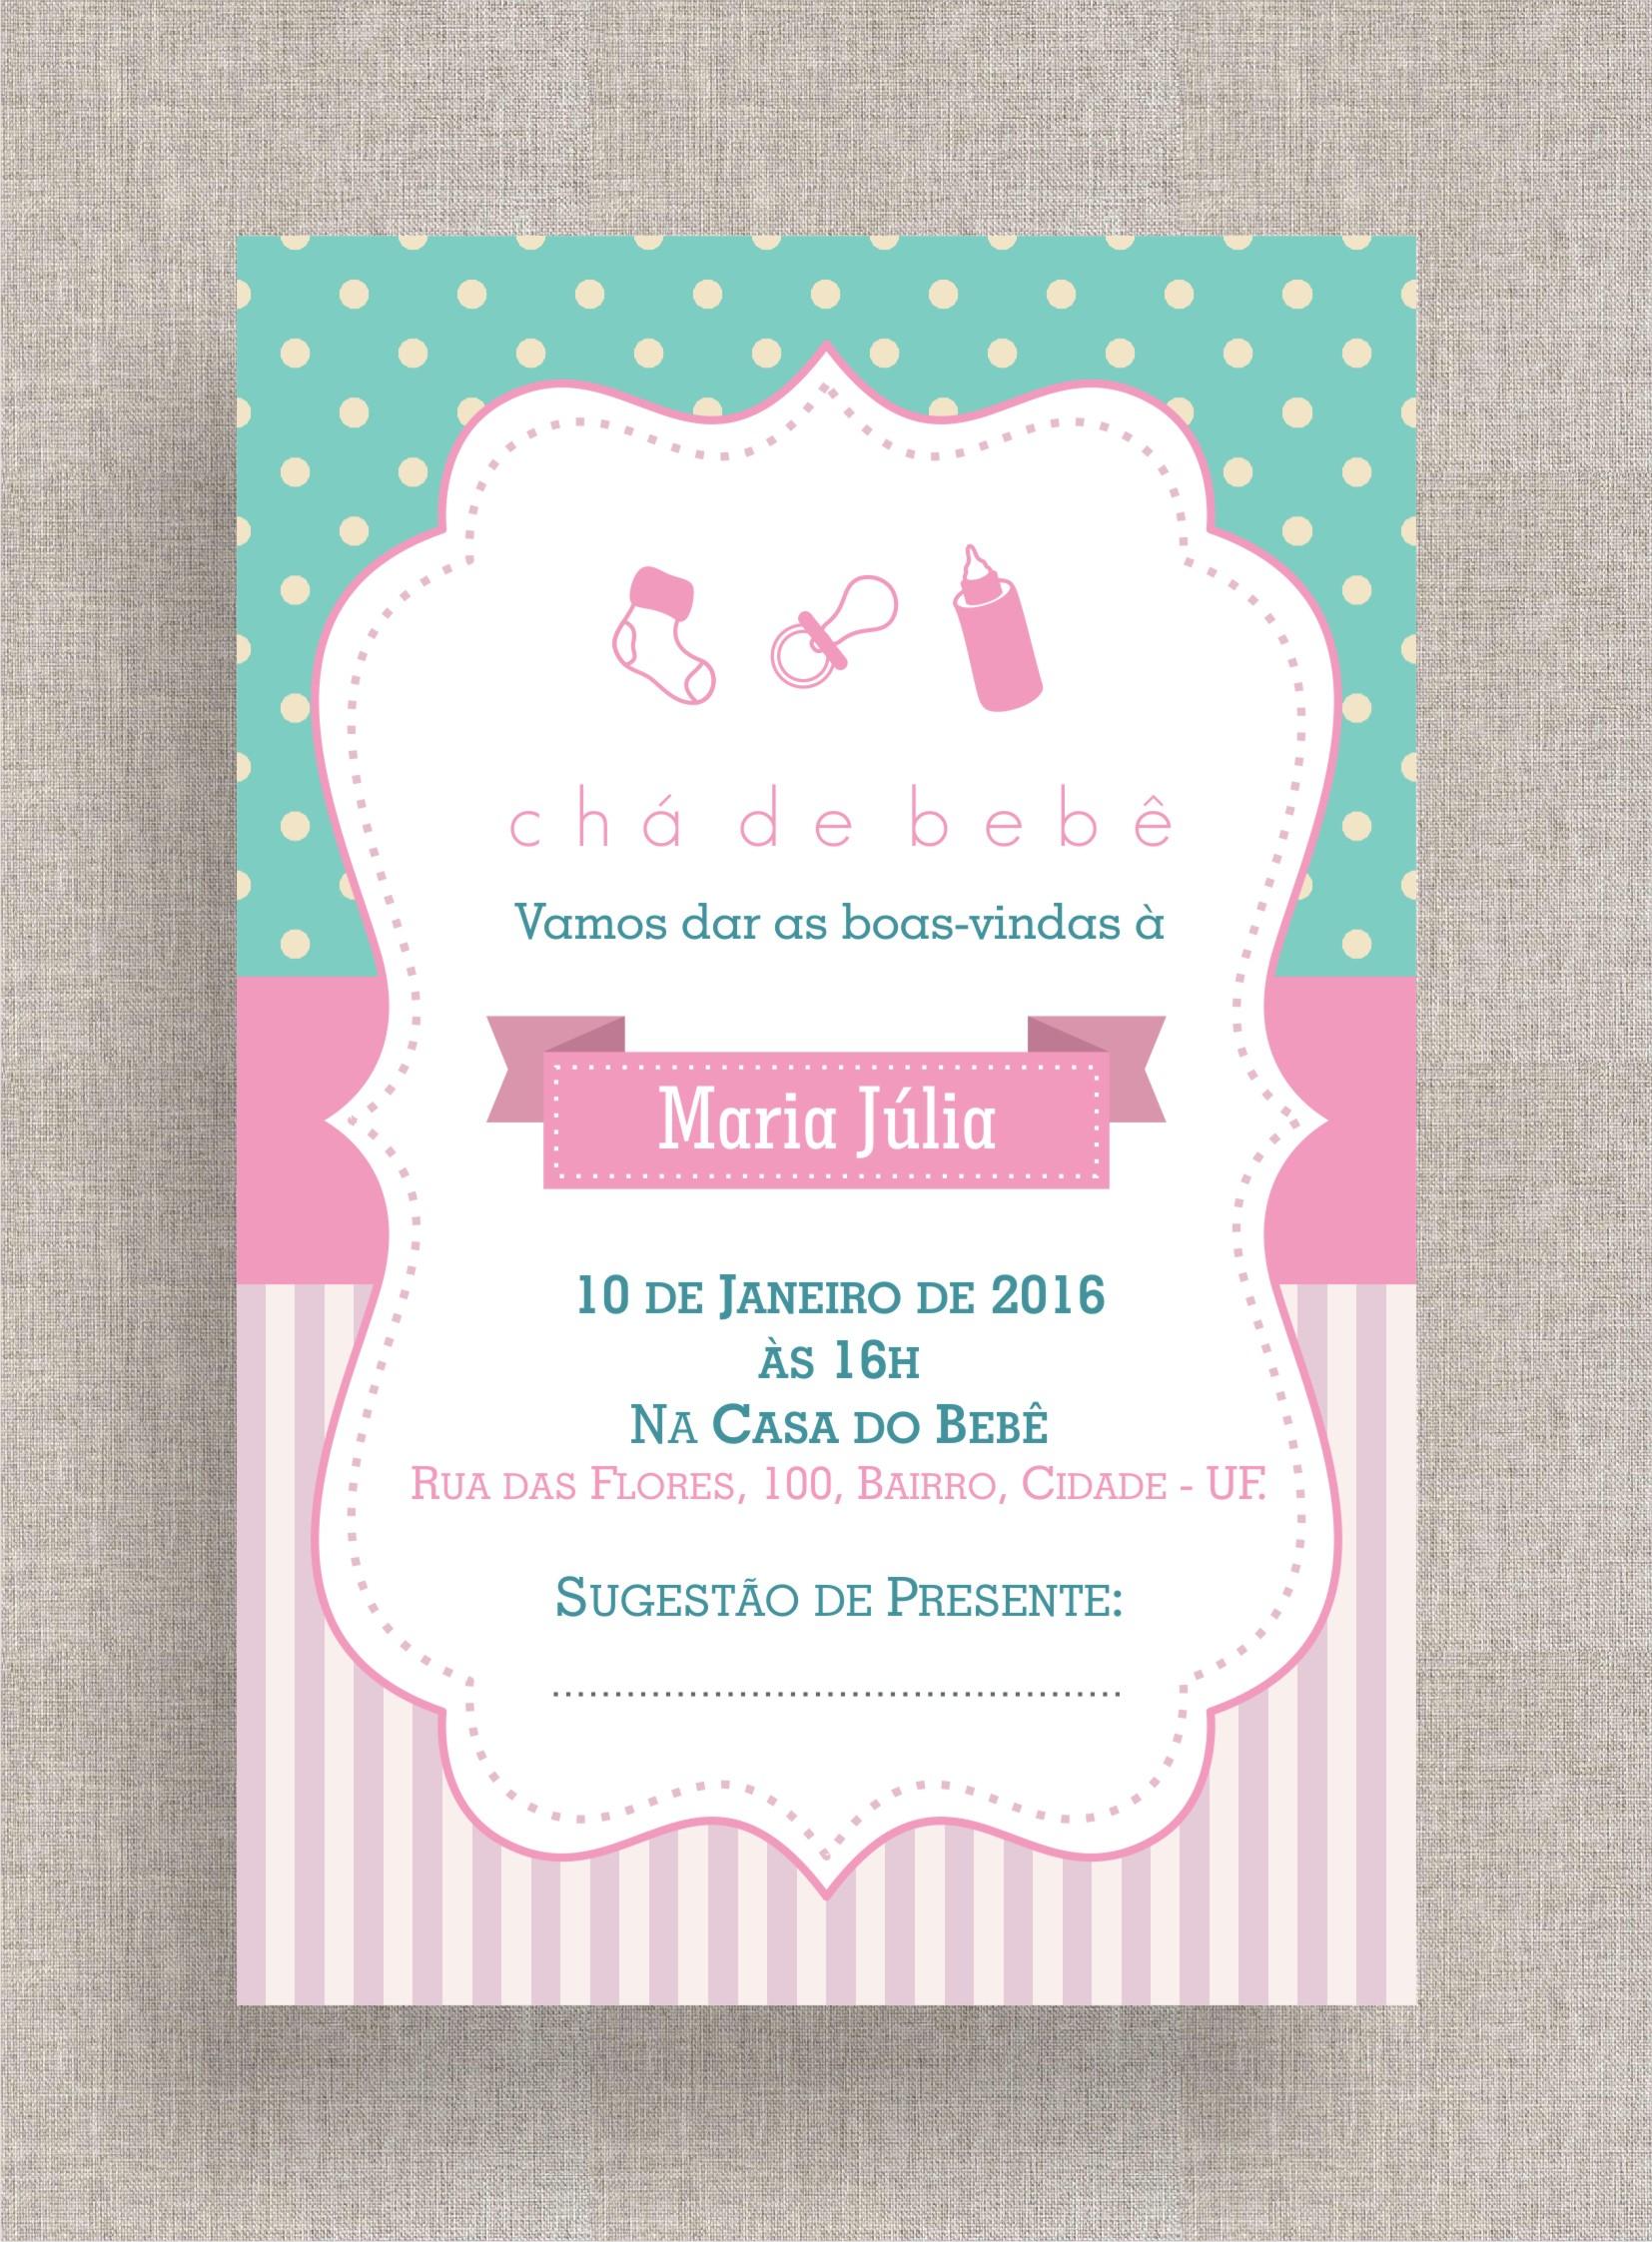 Convite Digital Chá De Fraldas 15 No Elo7 A Ana Faz 7aa12f